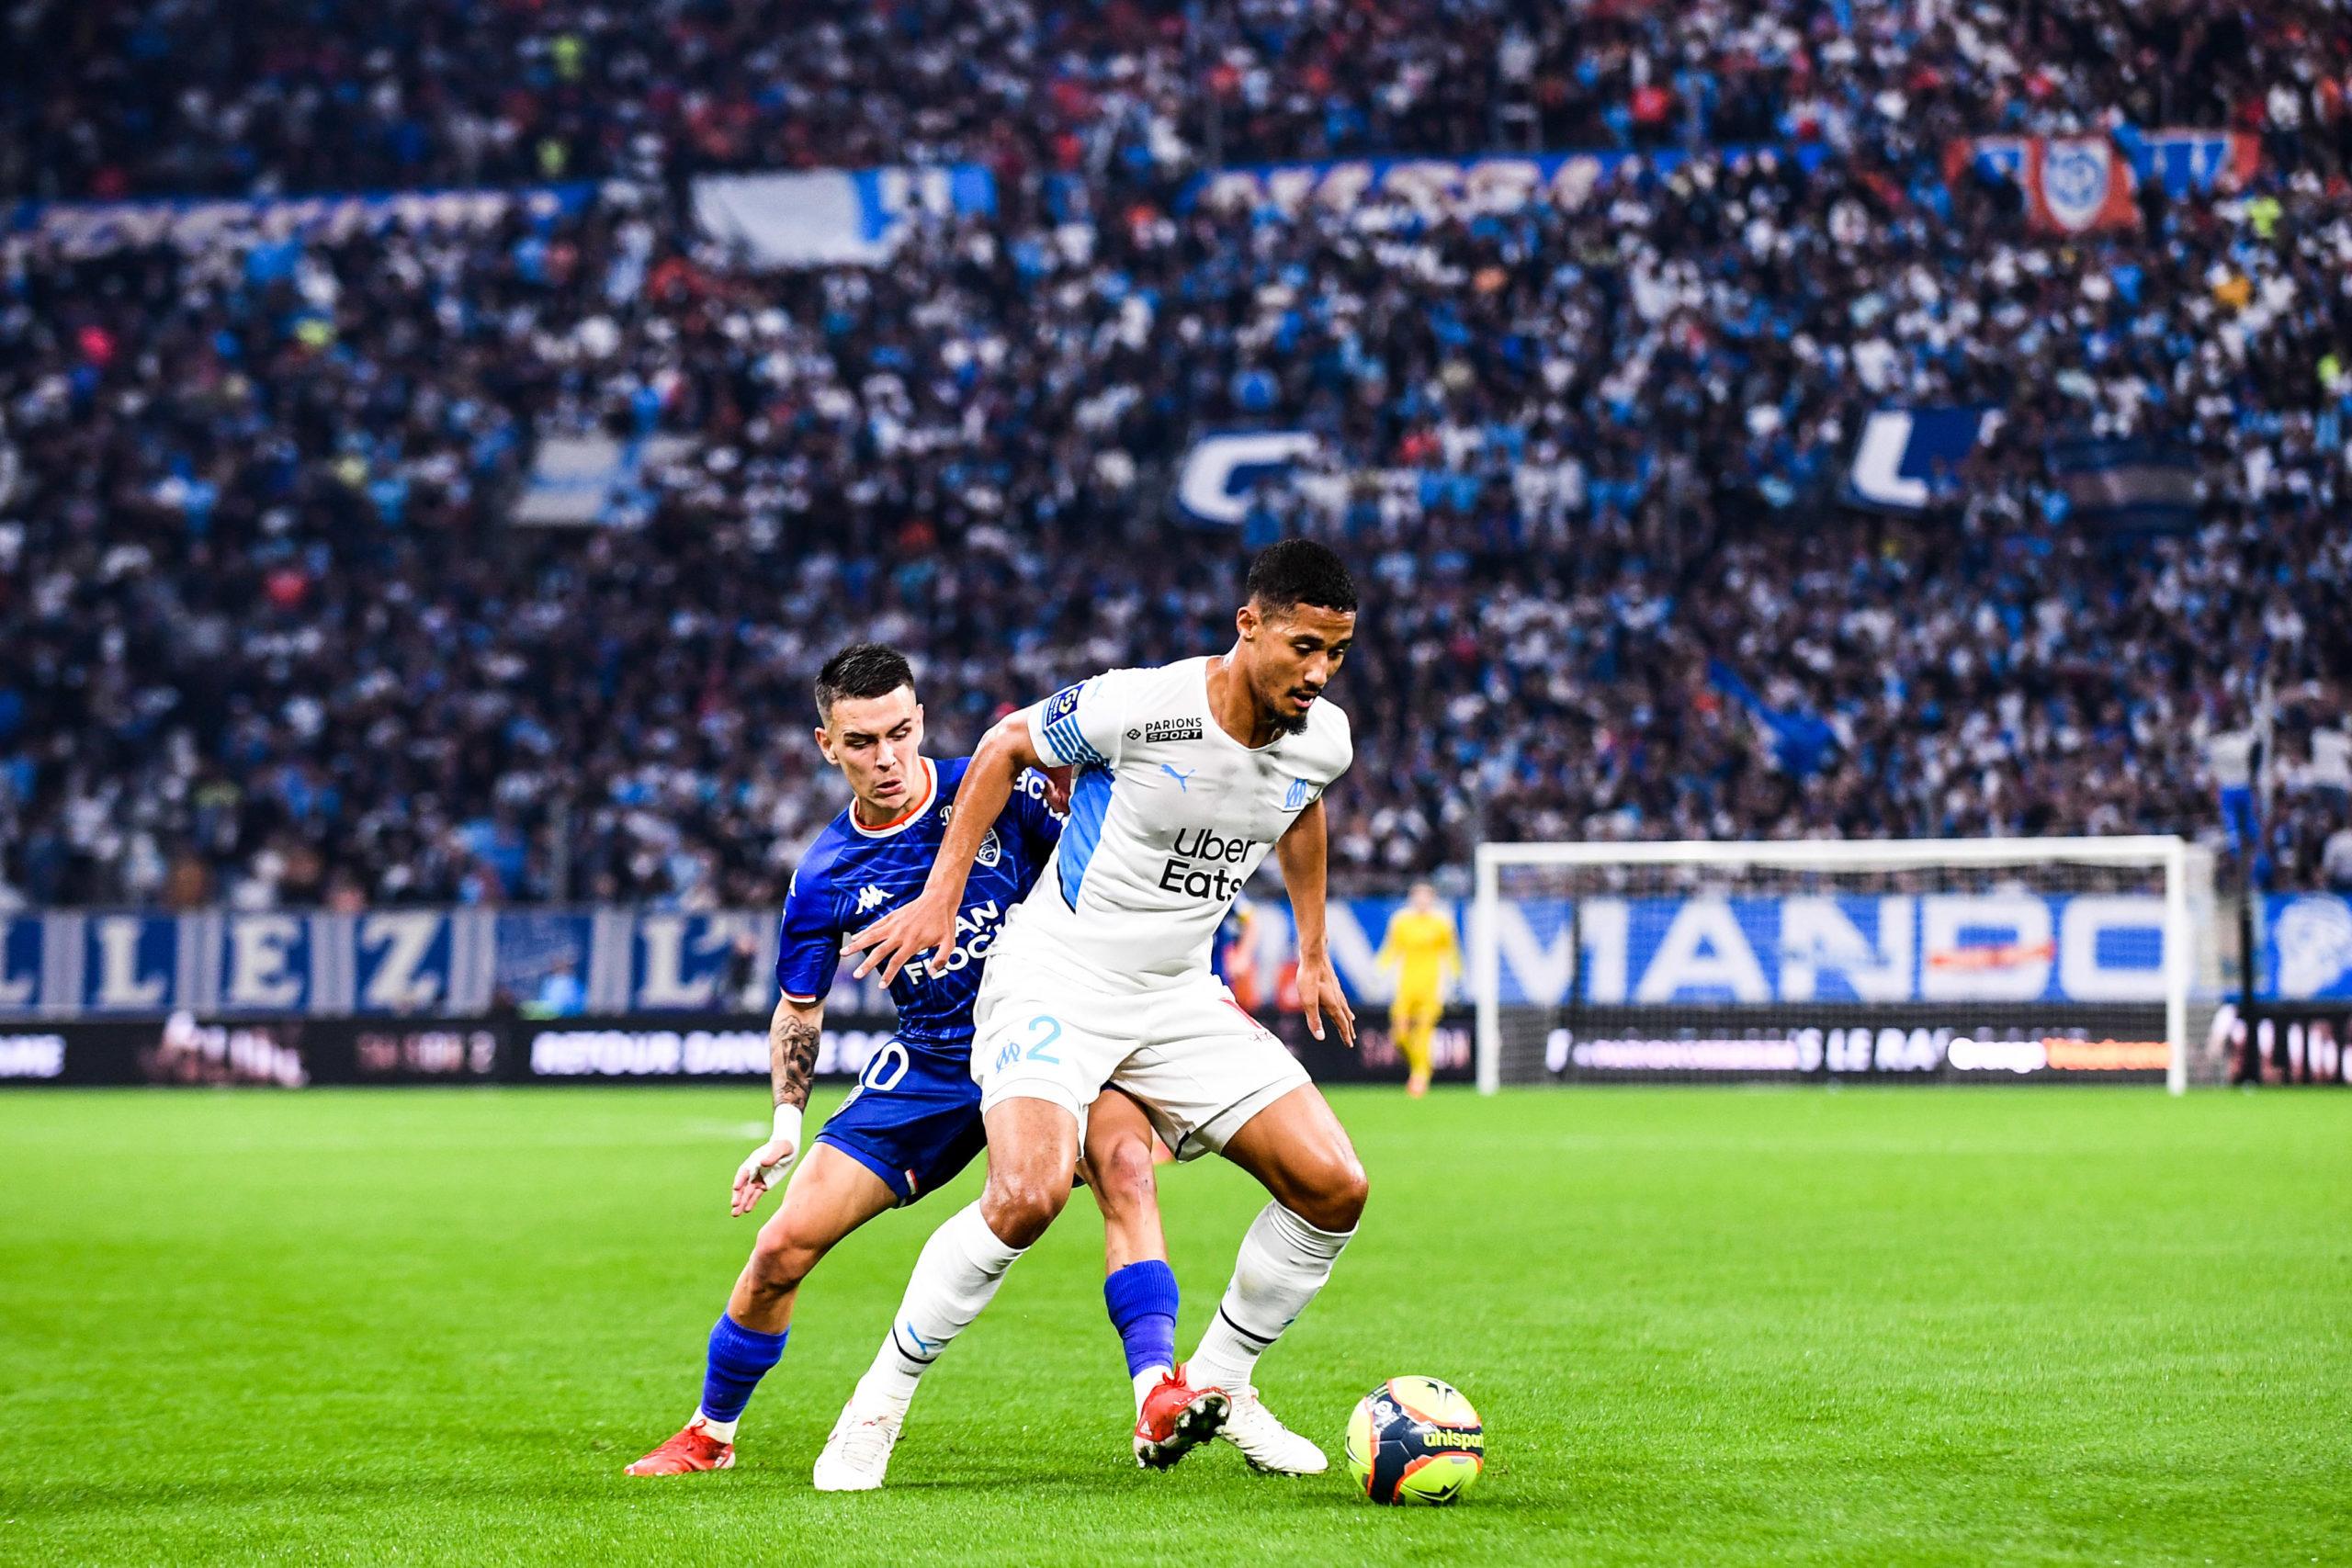 OM/Lorient (4-1) - Saliba veut enchaîner face à la Lazio et le PSG